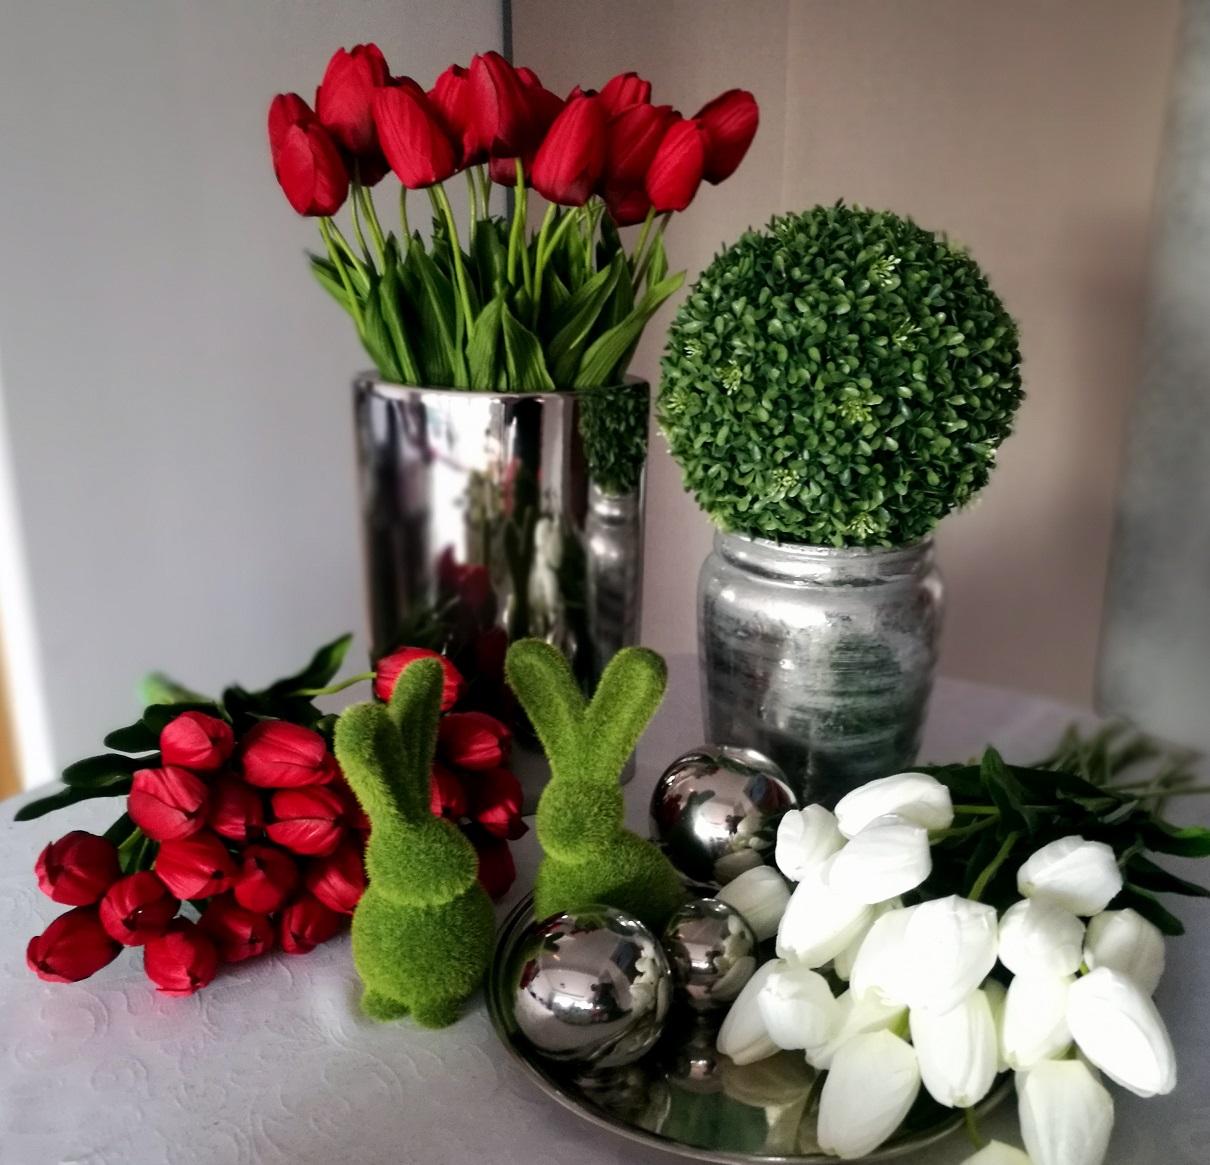 Czerwone tulipany bukiet 15 sztuk